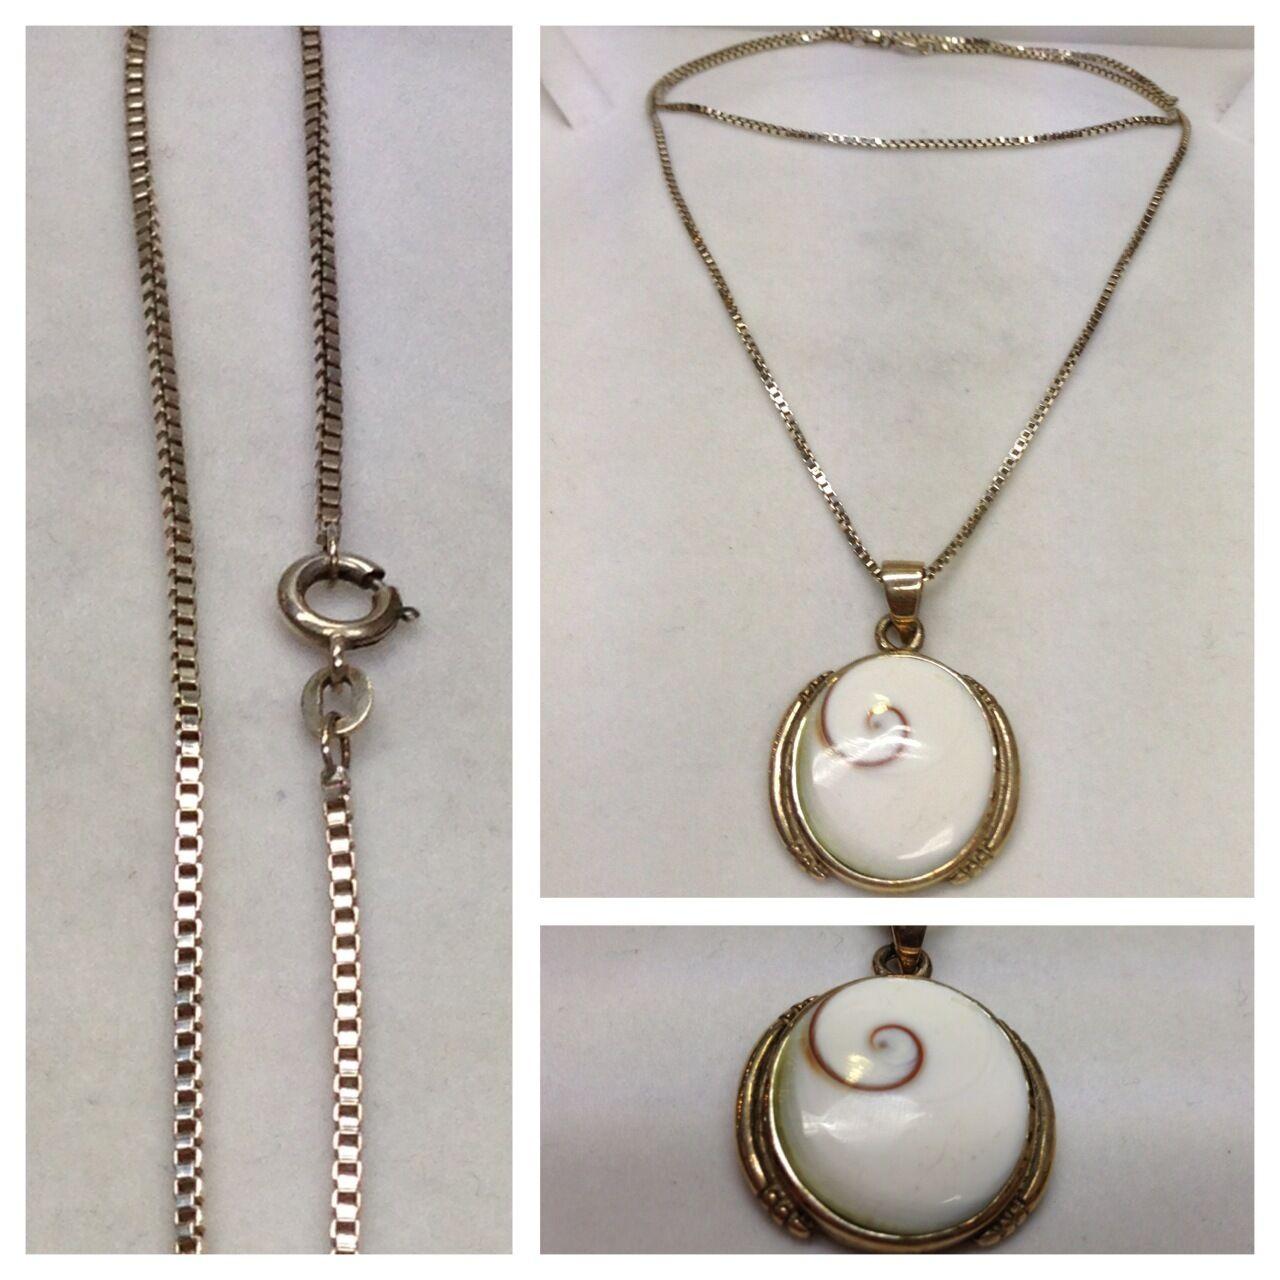 Magnifique Venezia chaîne 925 silver chaîne en silver chaîne pendentif